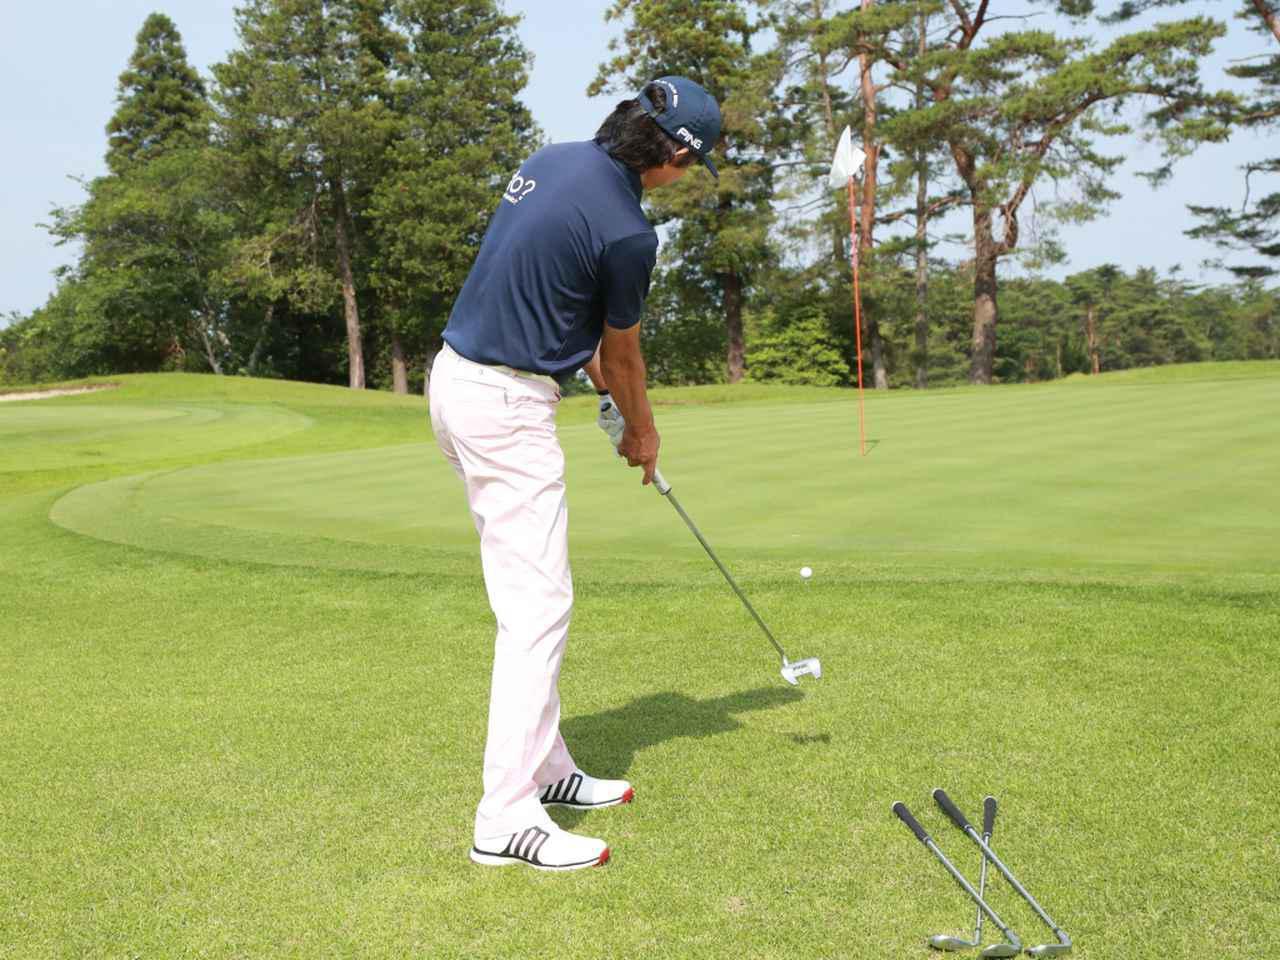 画像: グリーン周りのアプローチでは、転がしのみで寄せられてリスクの低いパターを、クラブ選択の第一候補として考えよう(撮影/姉崎正)